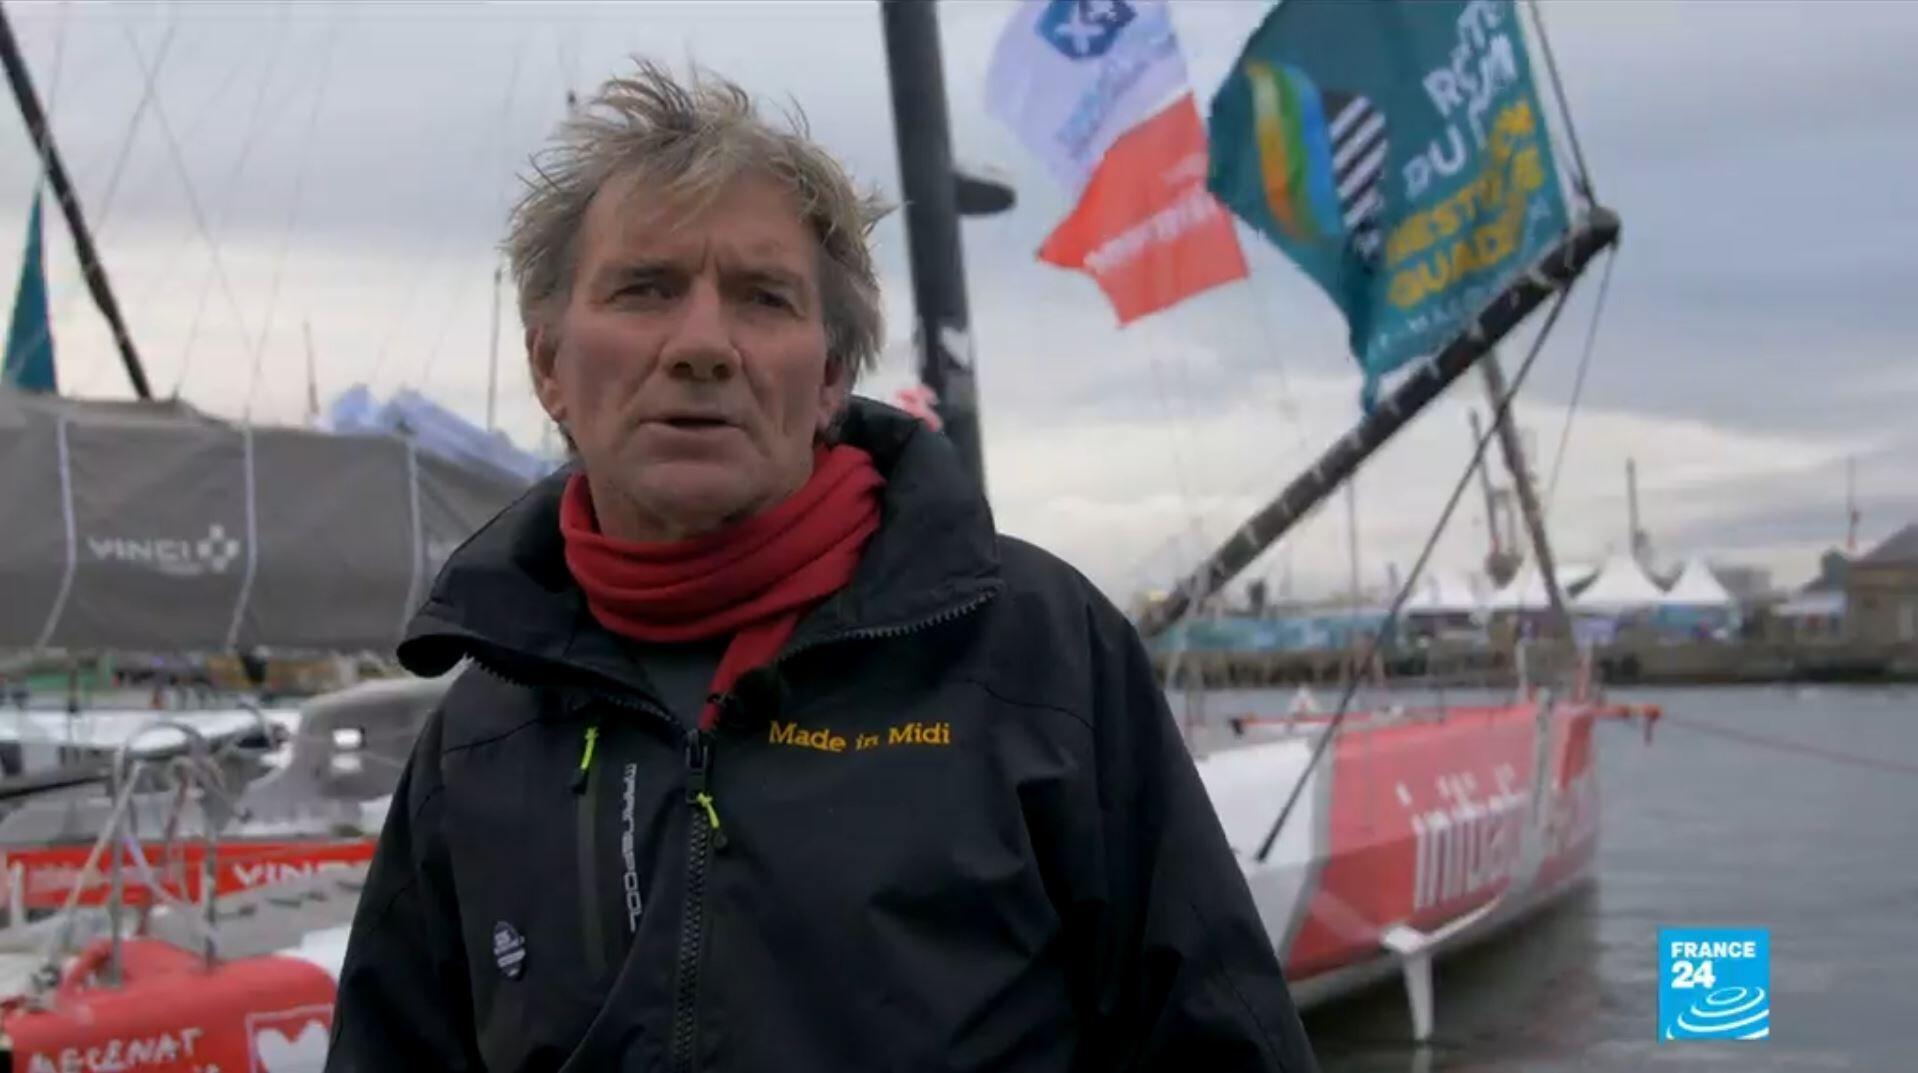 Kito de Pavant, avec d'autres skippers, soutient l'association SOS Méditerranée et l'Aquarius.